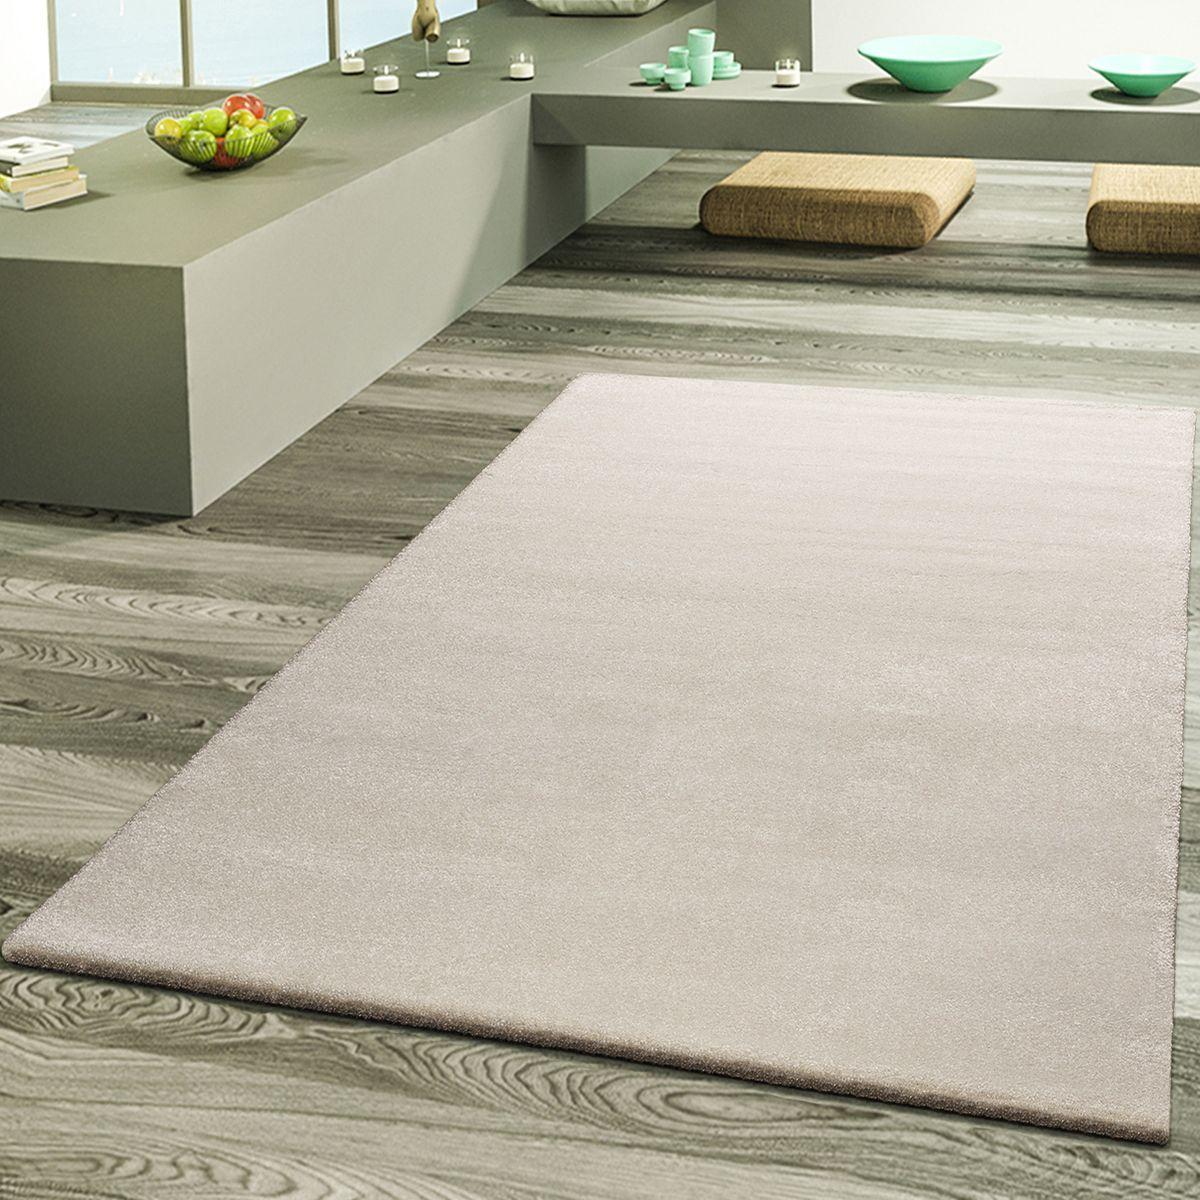 Teppich Wohnzimmer Designer Teppiche Hochwertig Frieze ...